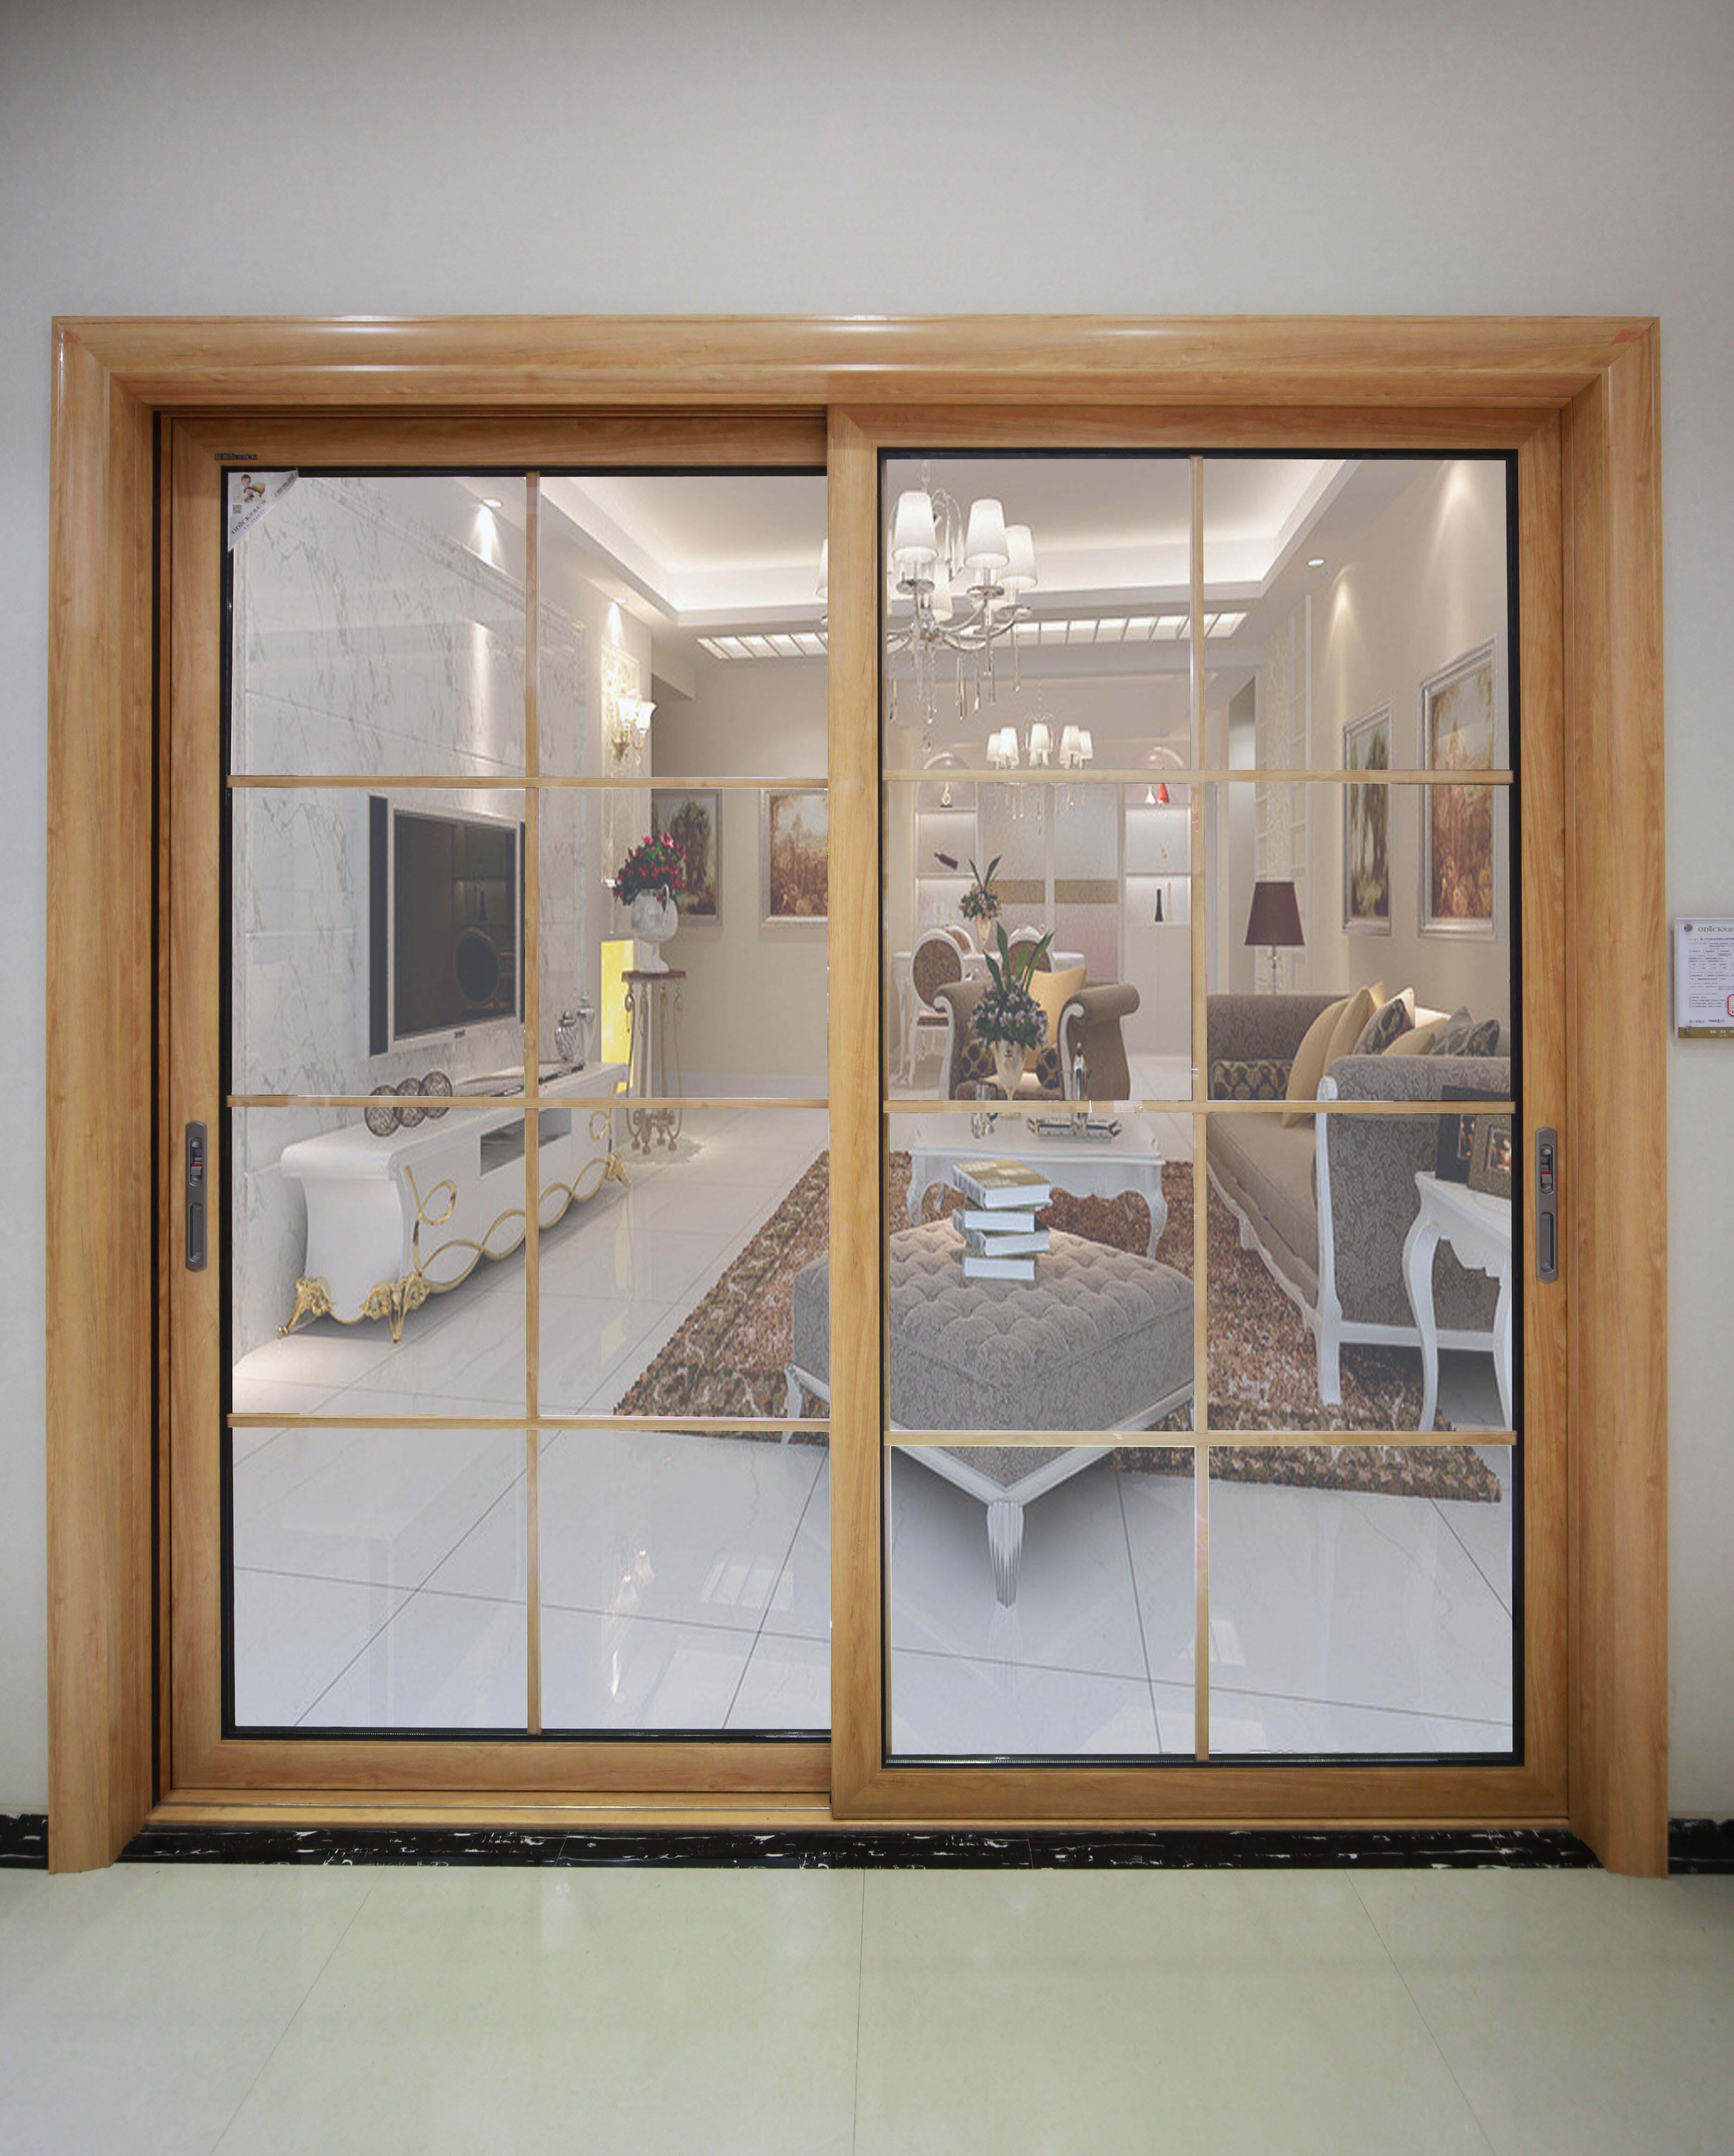 铝合金门窗的重要性与主要用途在哪里呢?